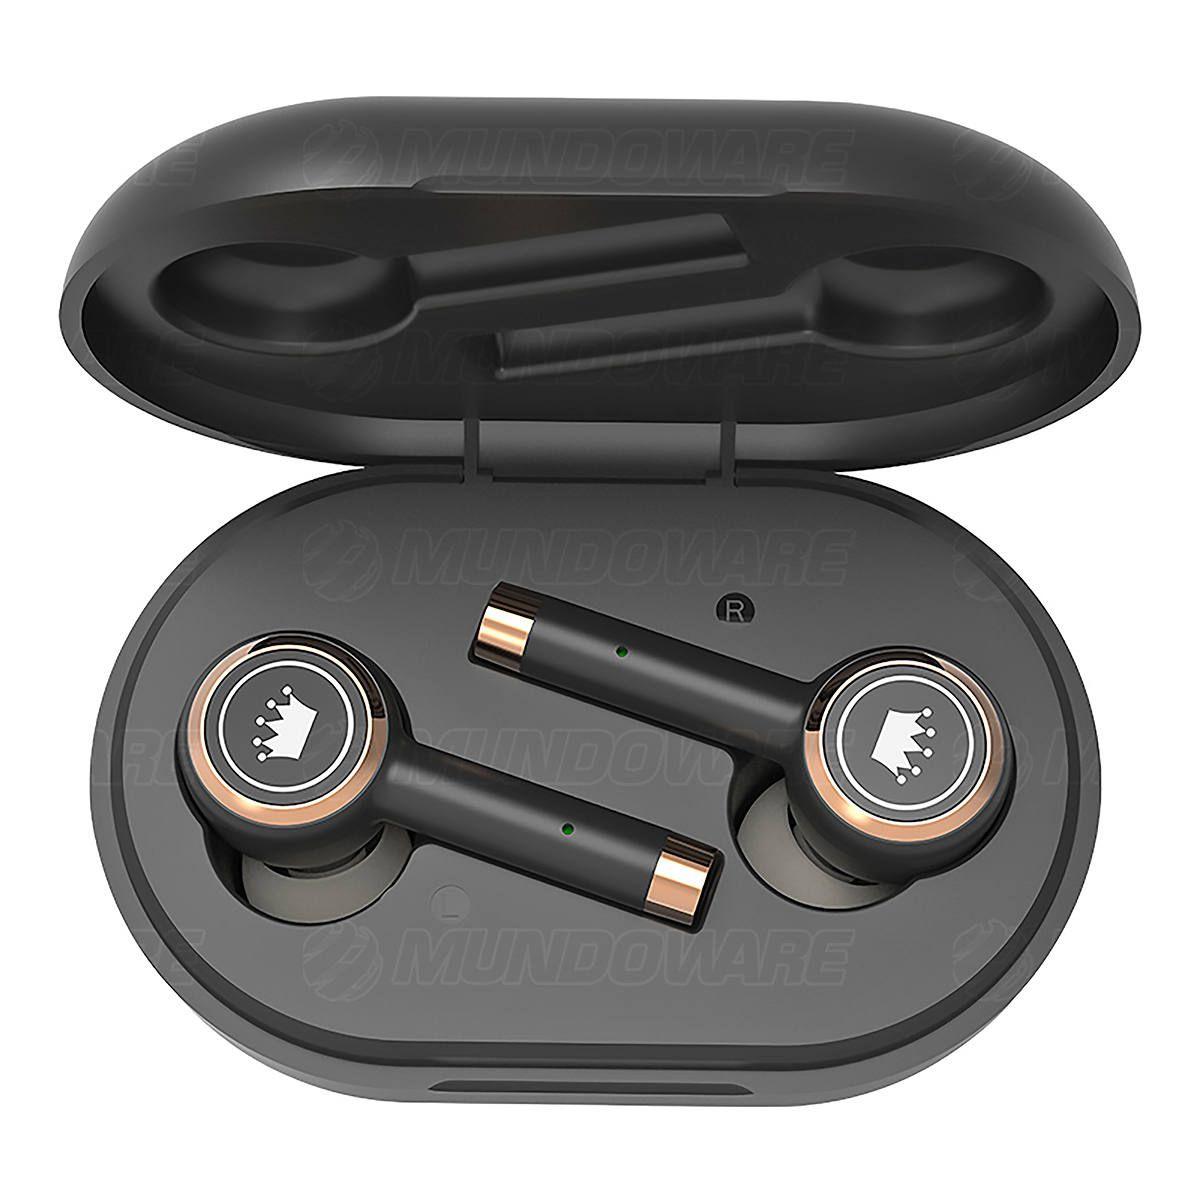 Fone Earbuds Bluetooth 5.0 Magnético com Microfone Embutido e Estojo de Carregamento Kimaster TWS100